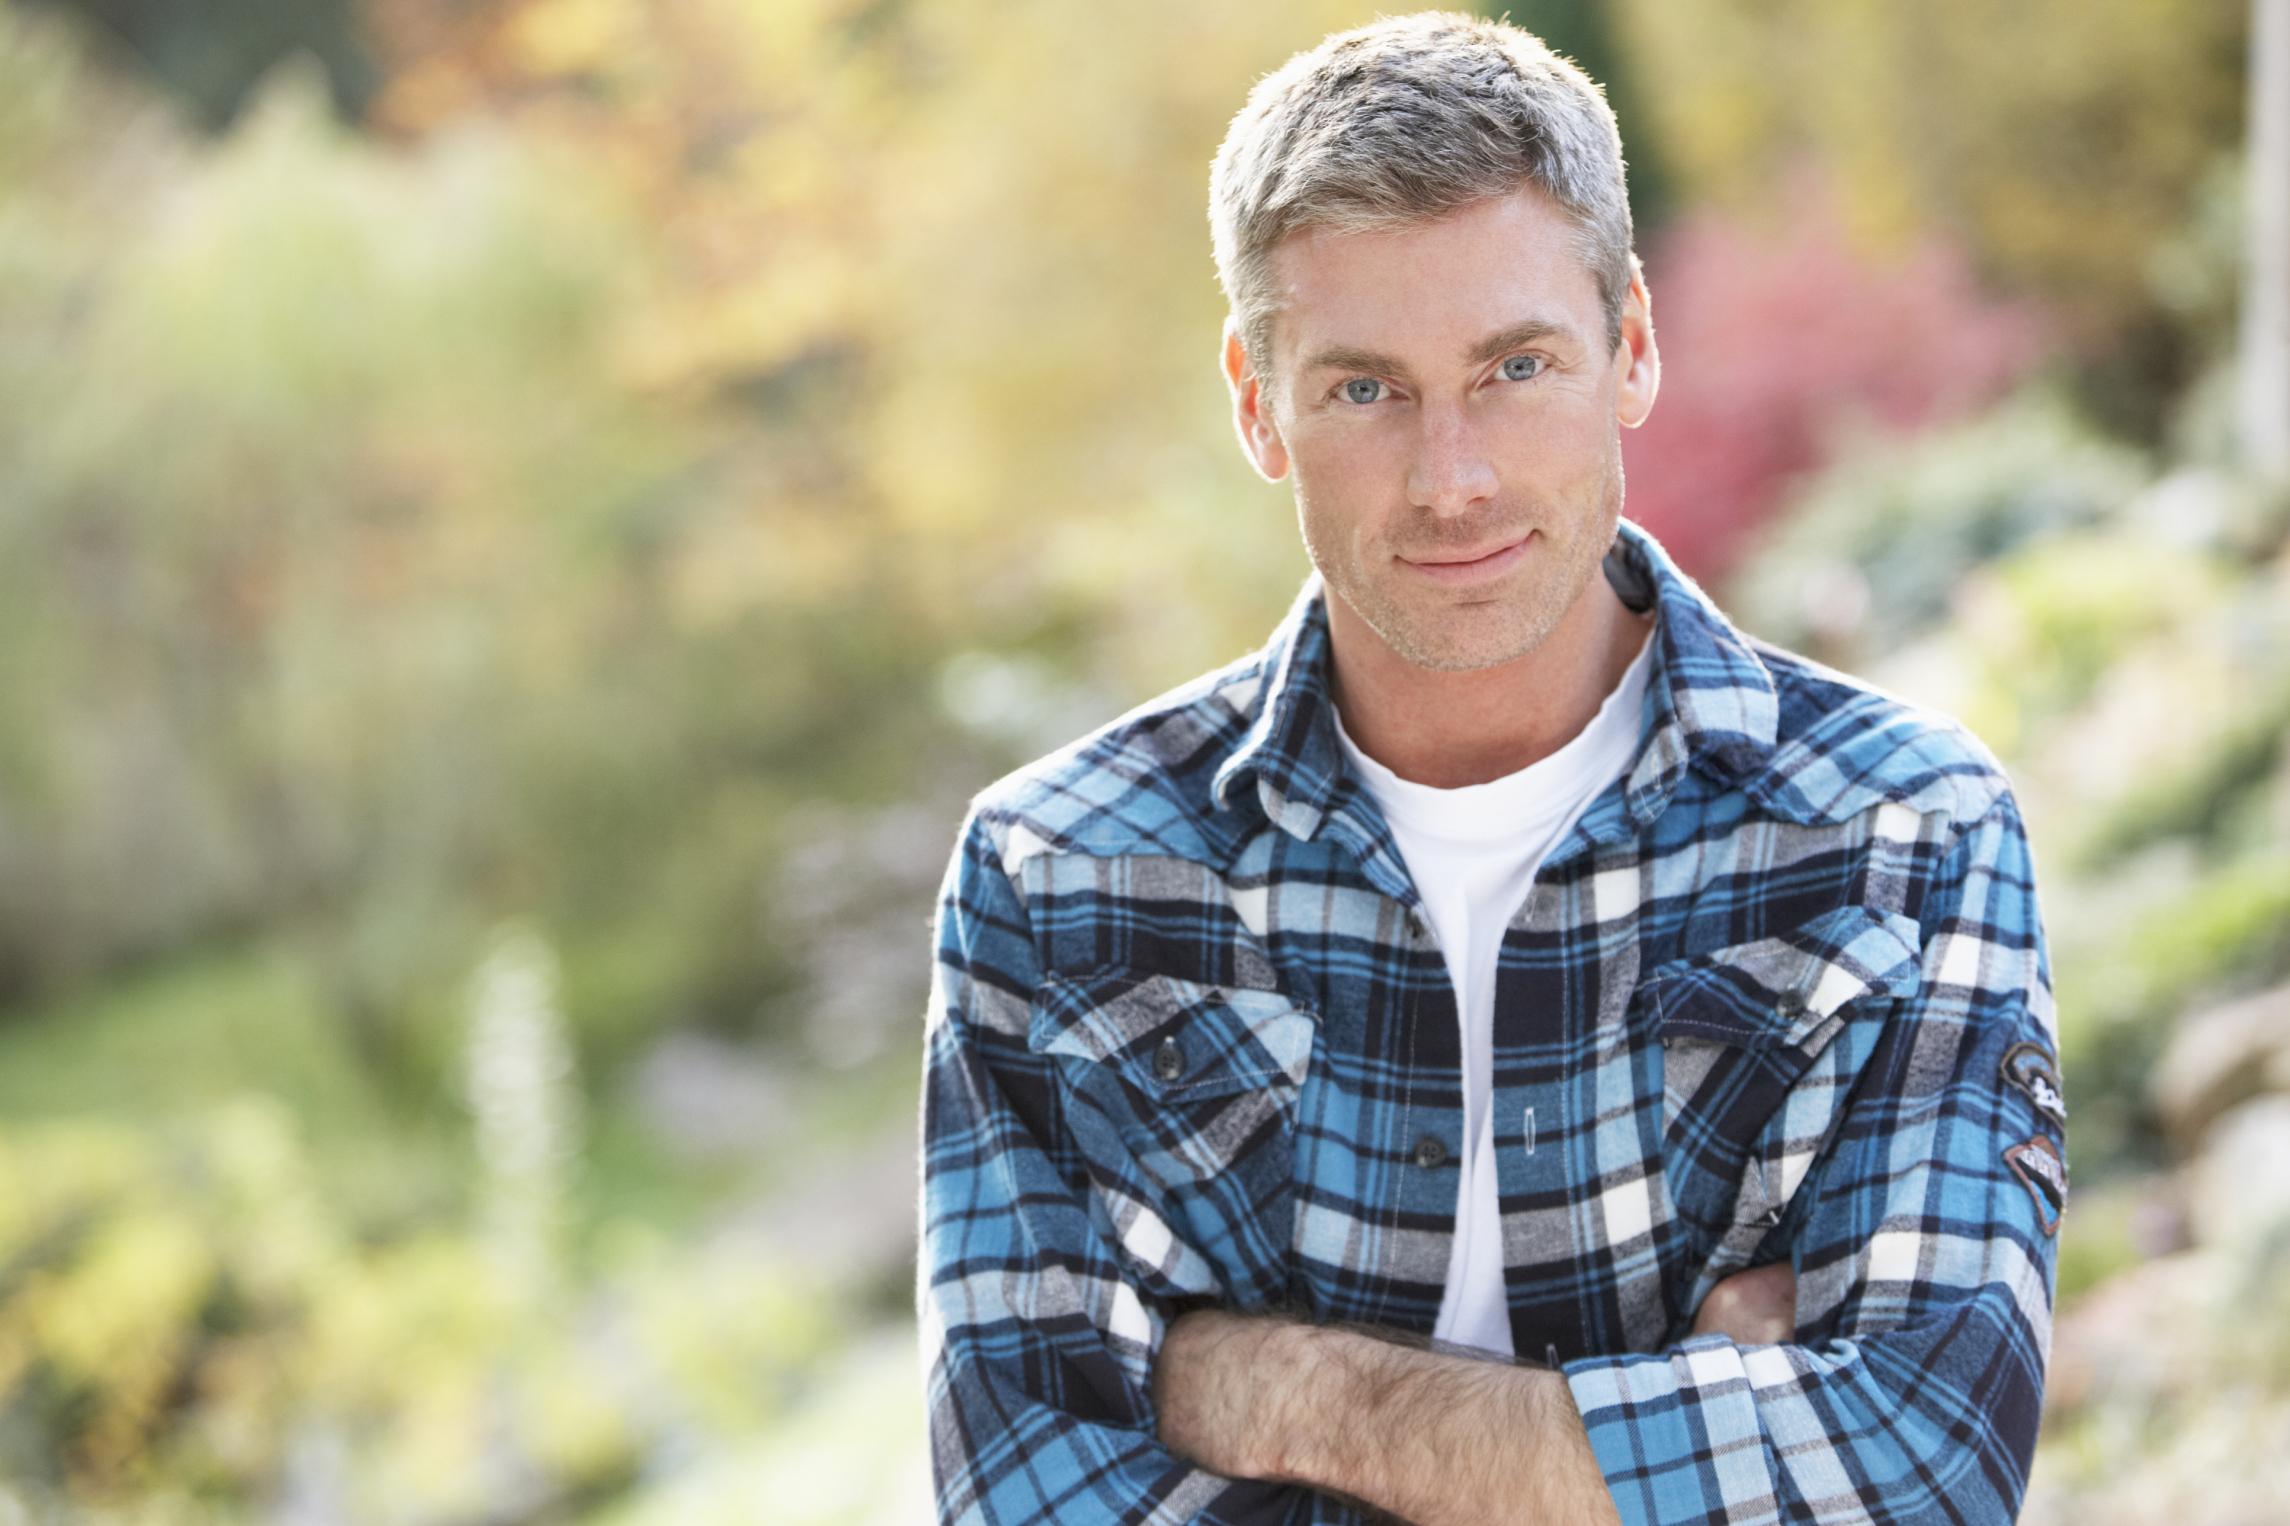 bcca32ac87100 كيف تتأثر الرغبة الجنسية لدى الرجال في فصل الشتاء؟